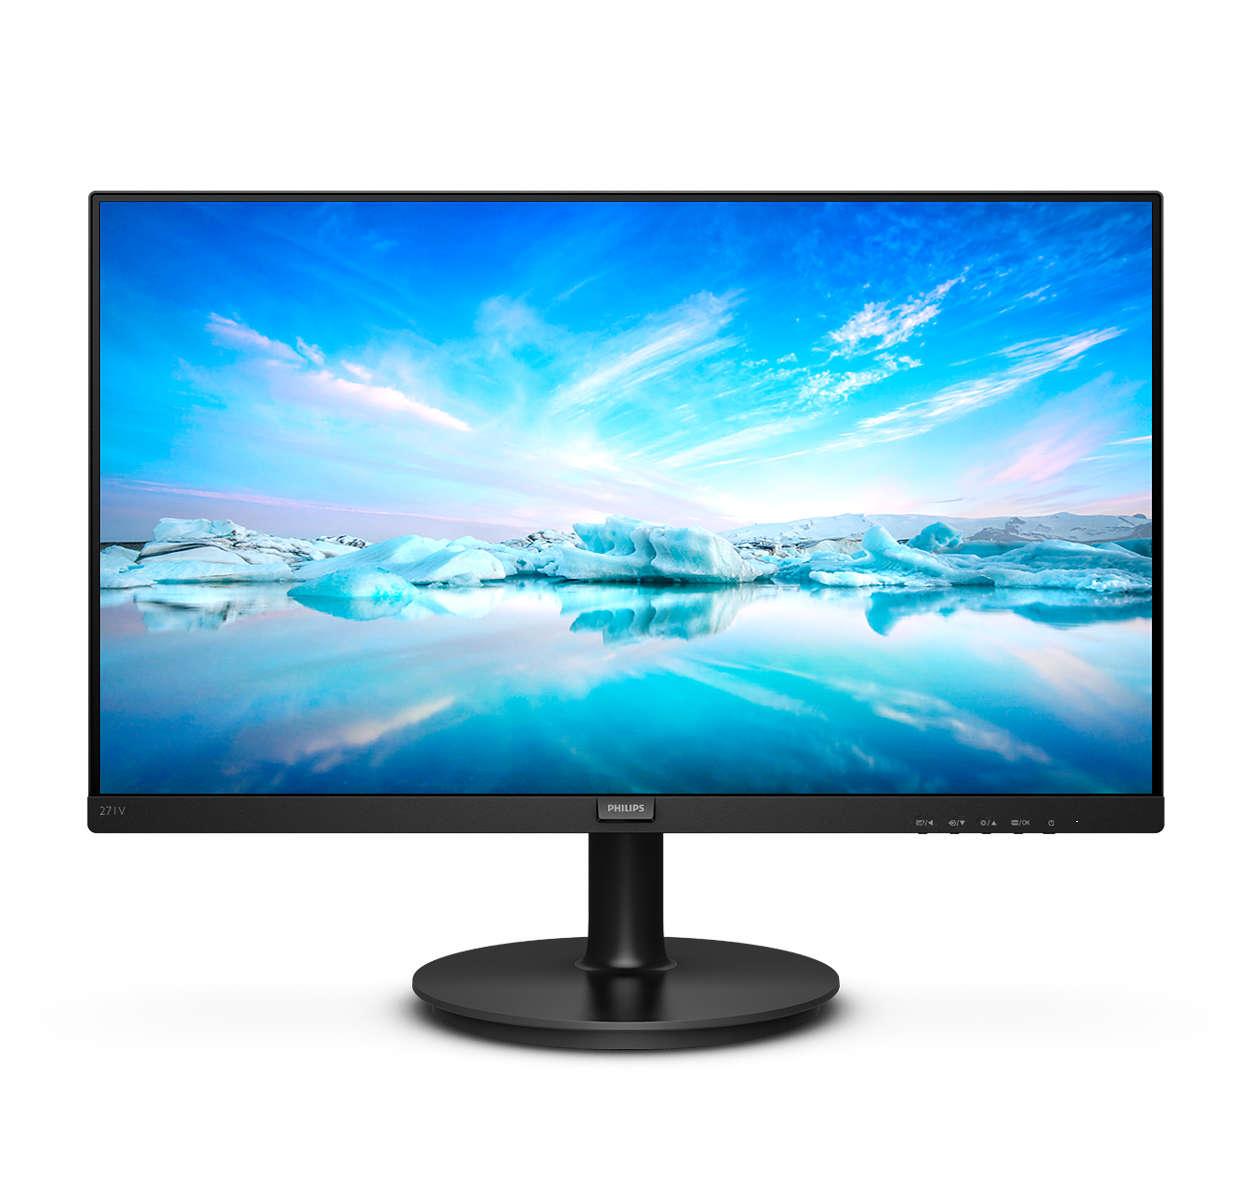 PHILIPS 27吋 271V8 IPS FHD寬螢幕